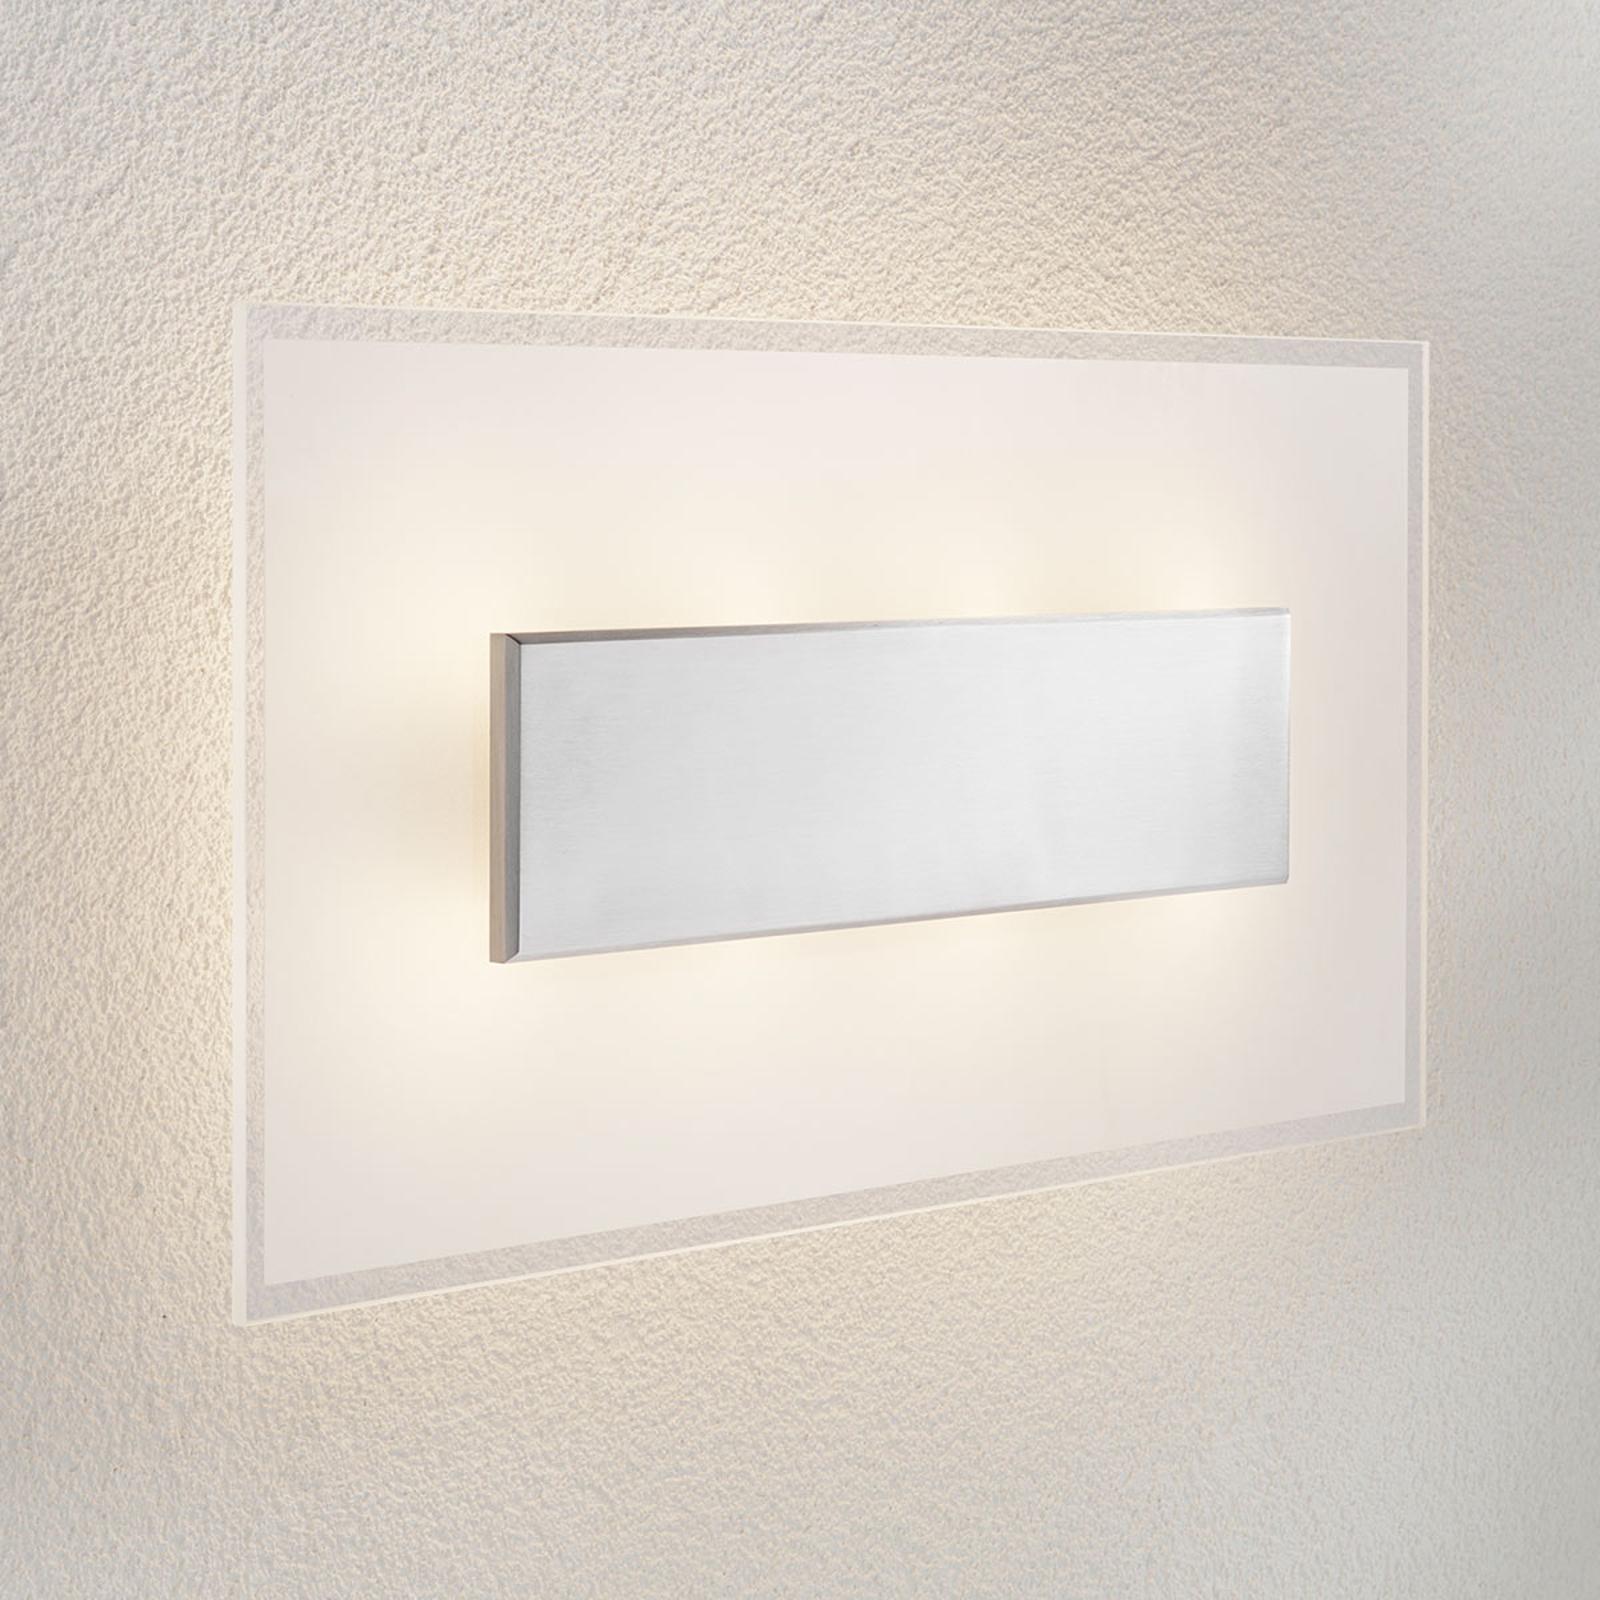 LED-vegglampe Lole med glass-skjerm, 59 x 29 cm